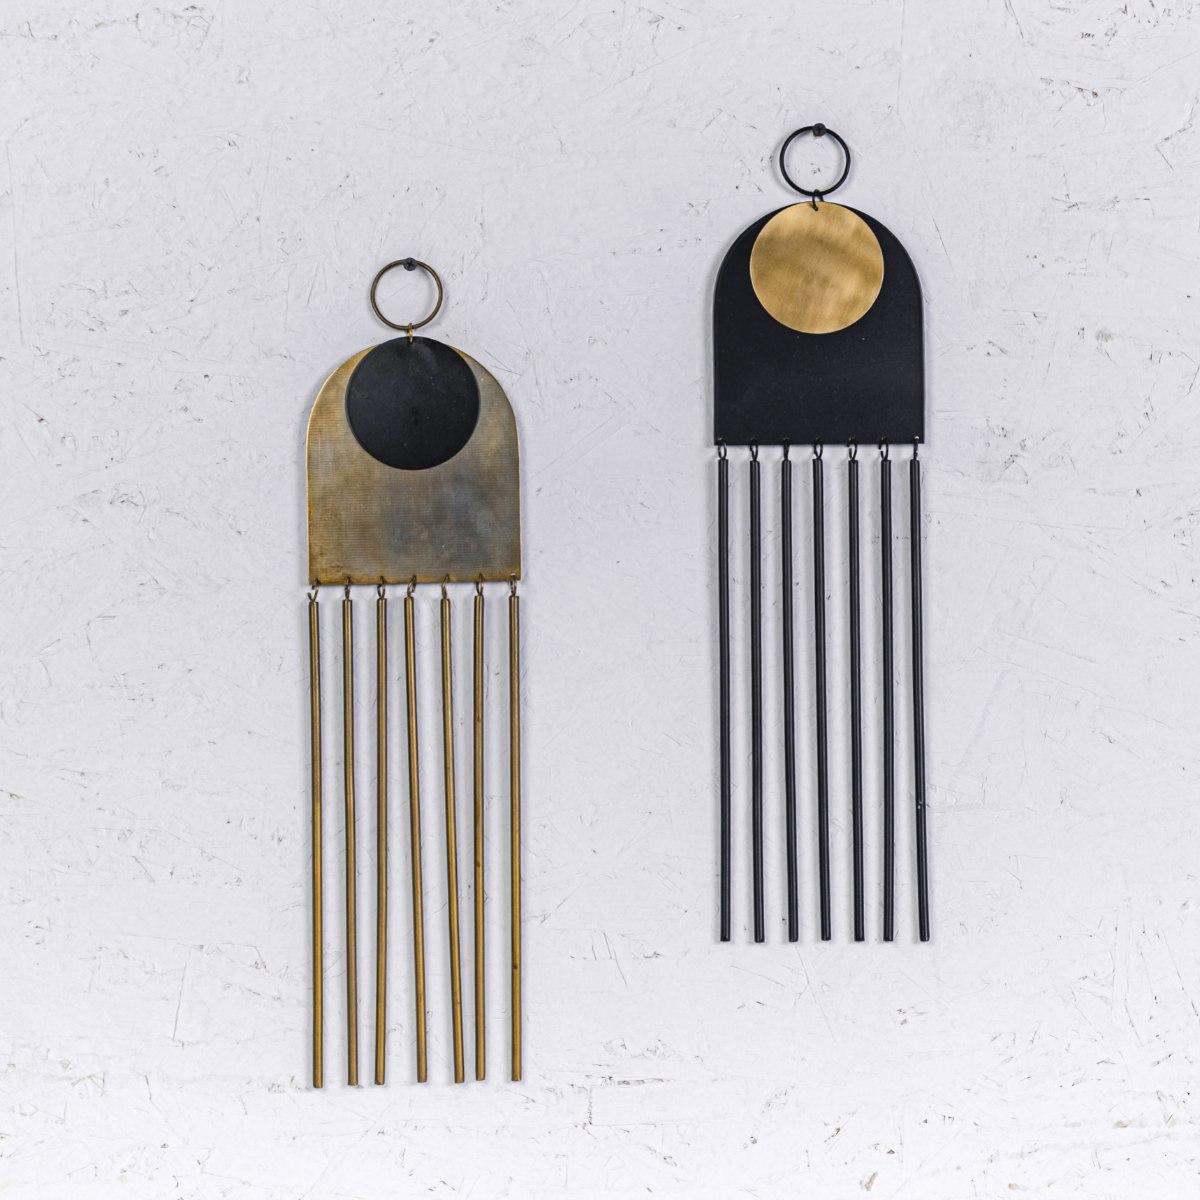 זוג קישוט מתכת לקיר - קשת וצינורות (זהב ושחור)